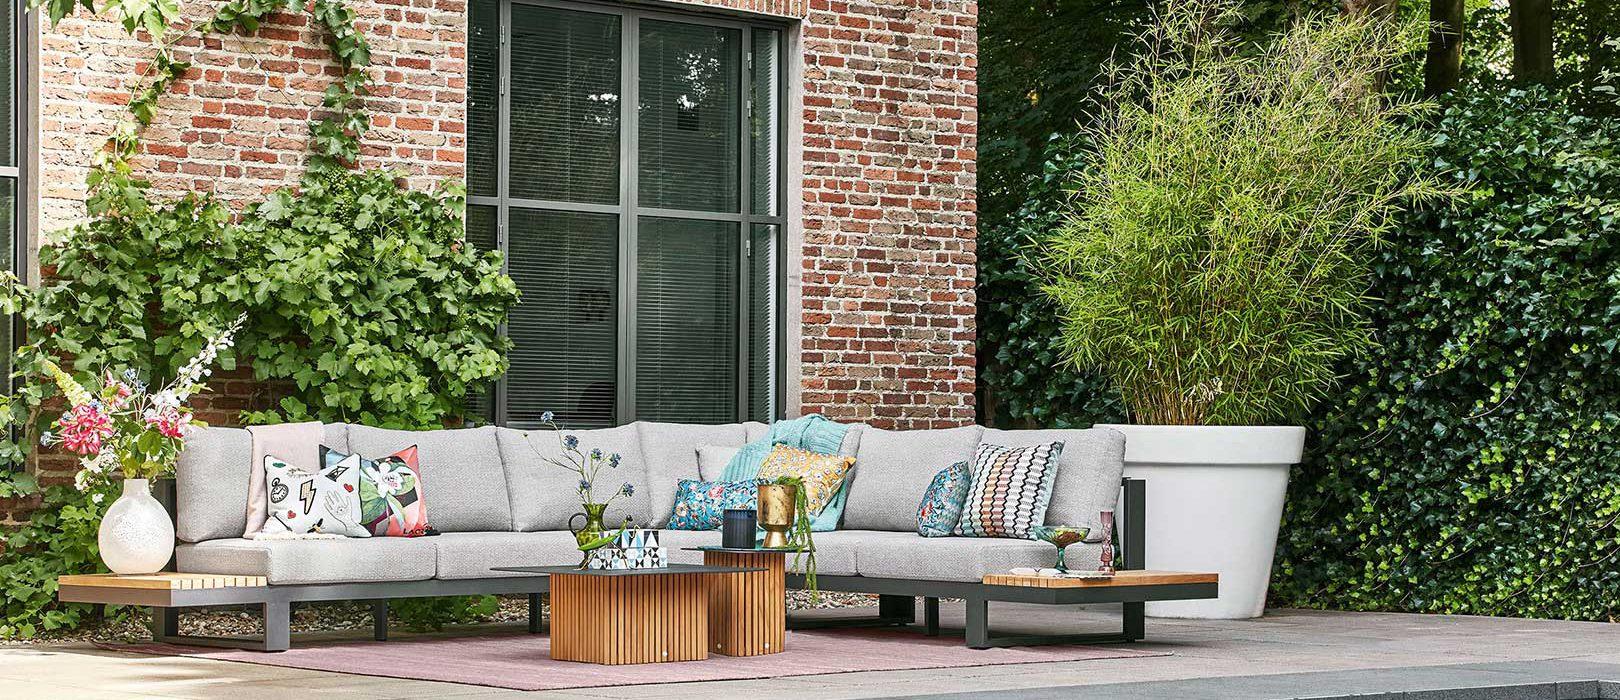 5 luxe loungesets voor de perfecte zithoek in de tuin